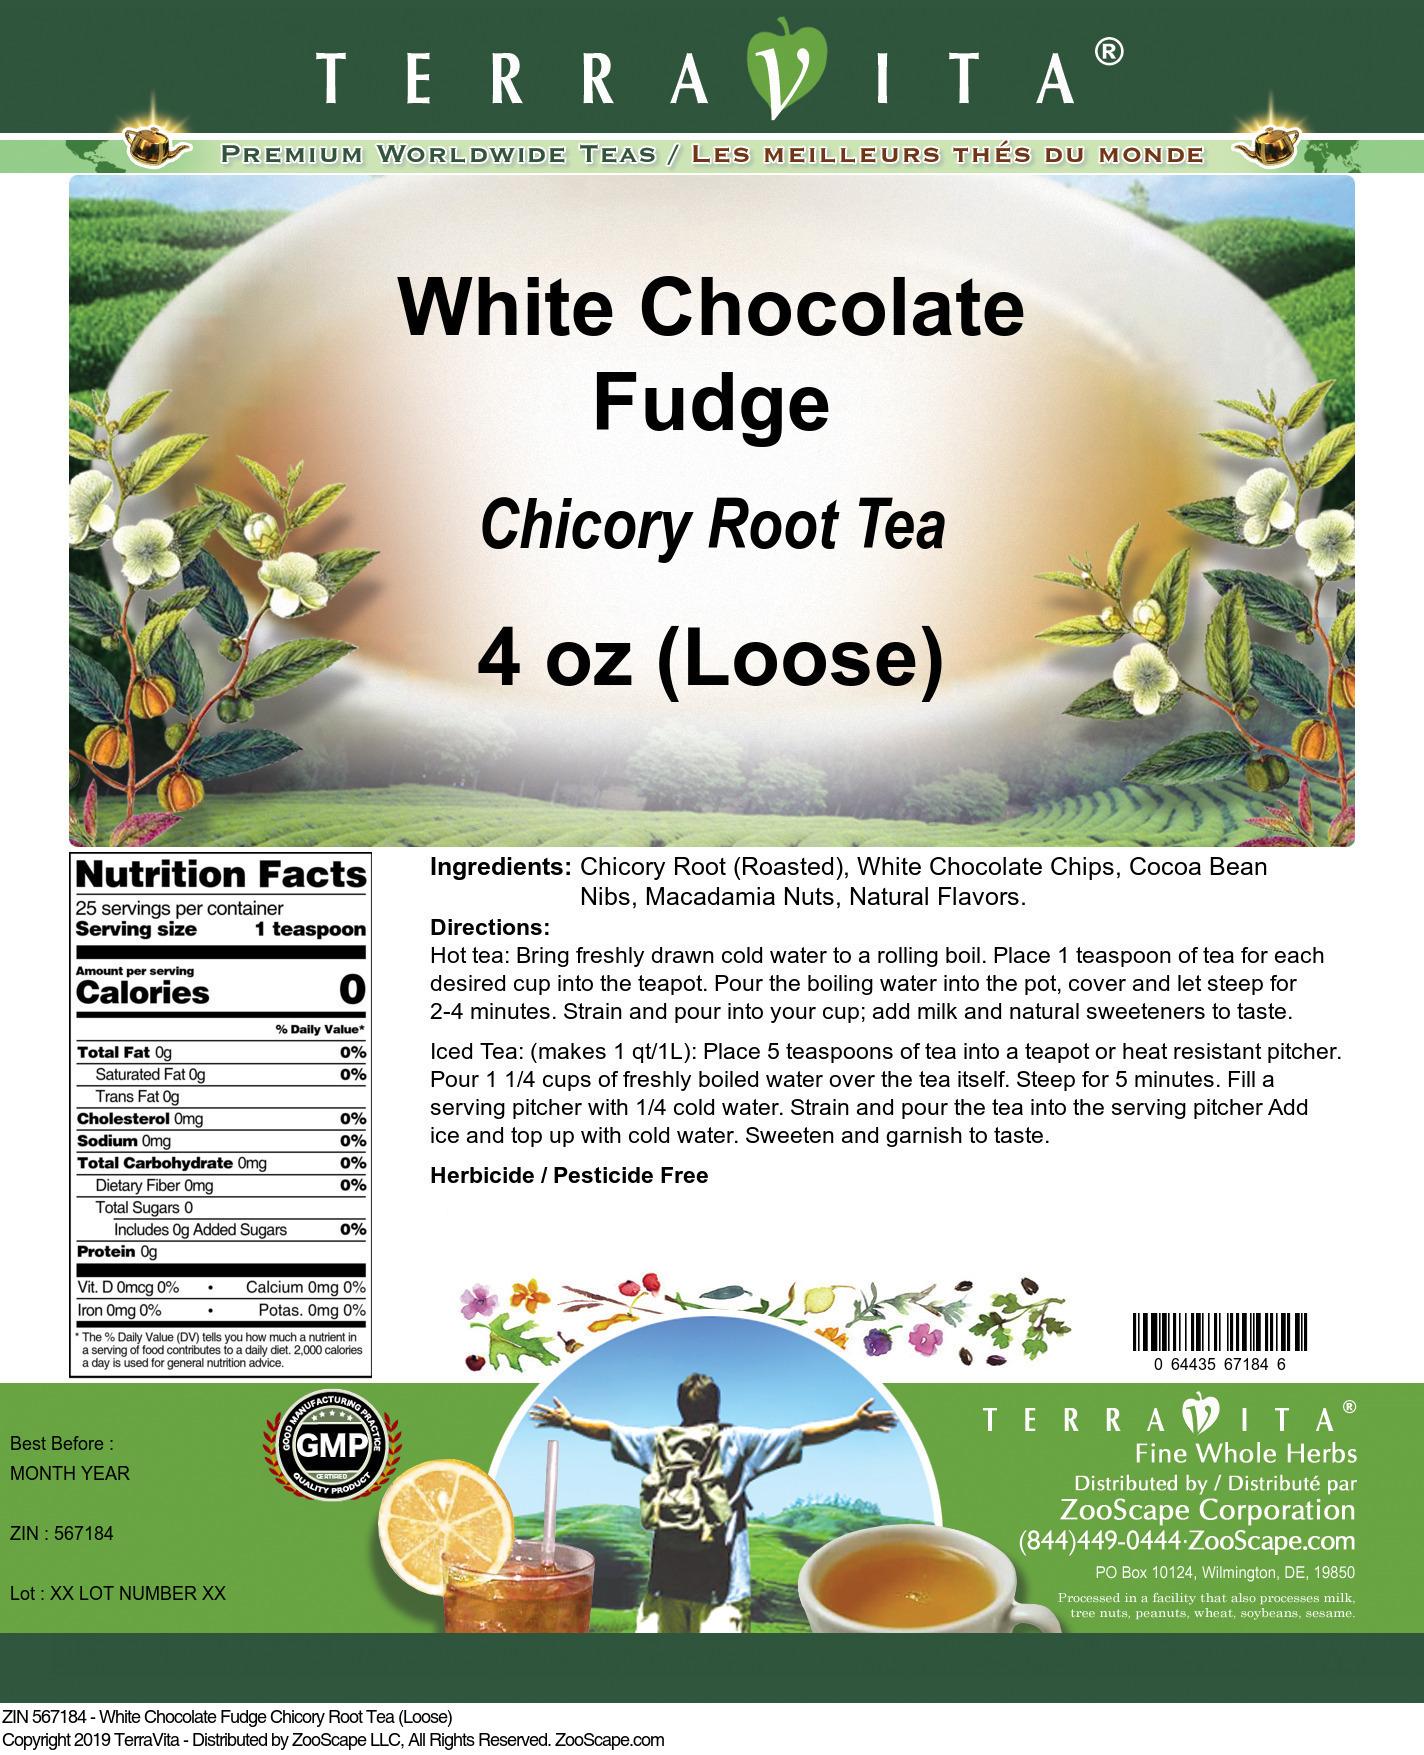 White Chocolate Fudge Chicory Root Tea (Loose)